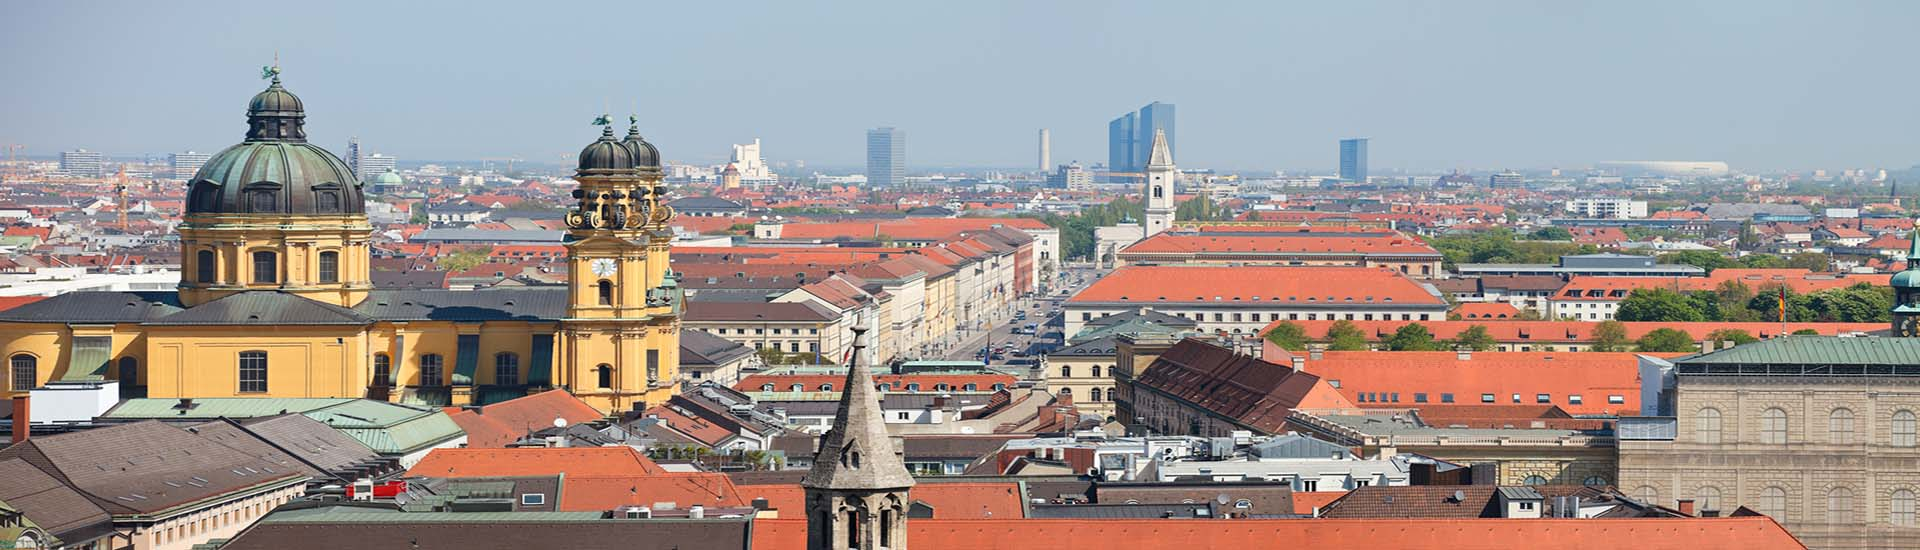 Spedition München